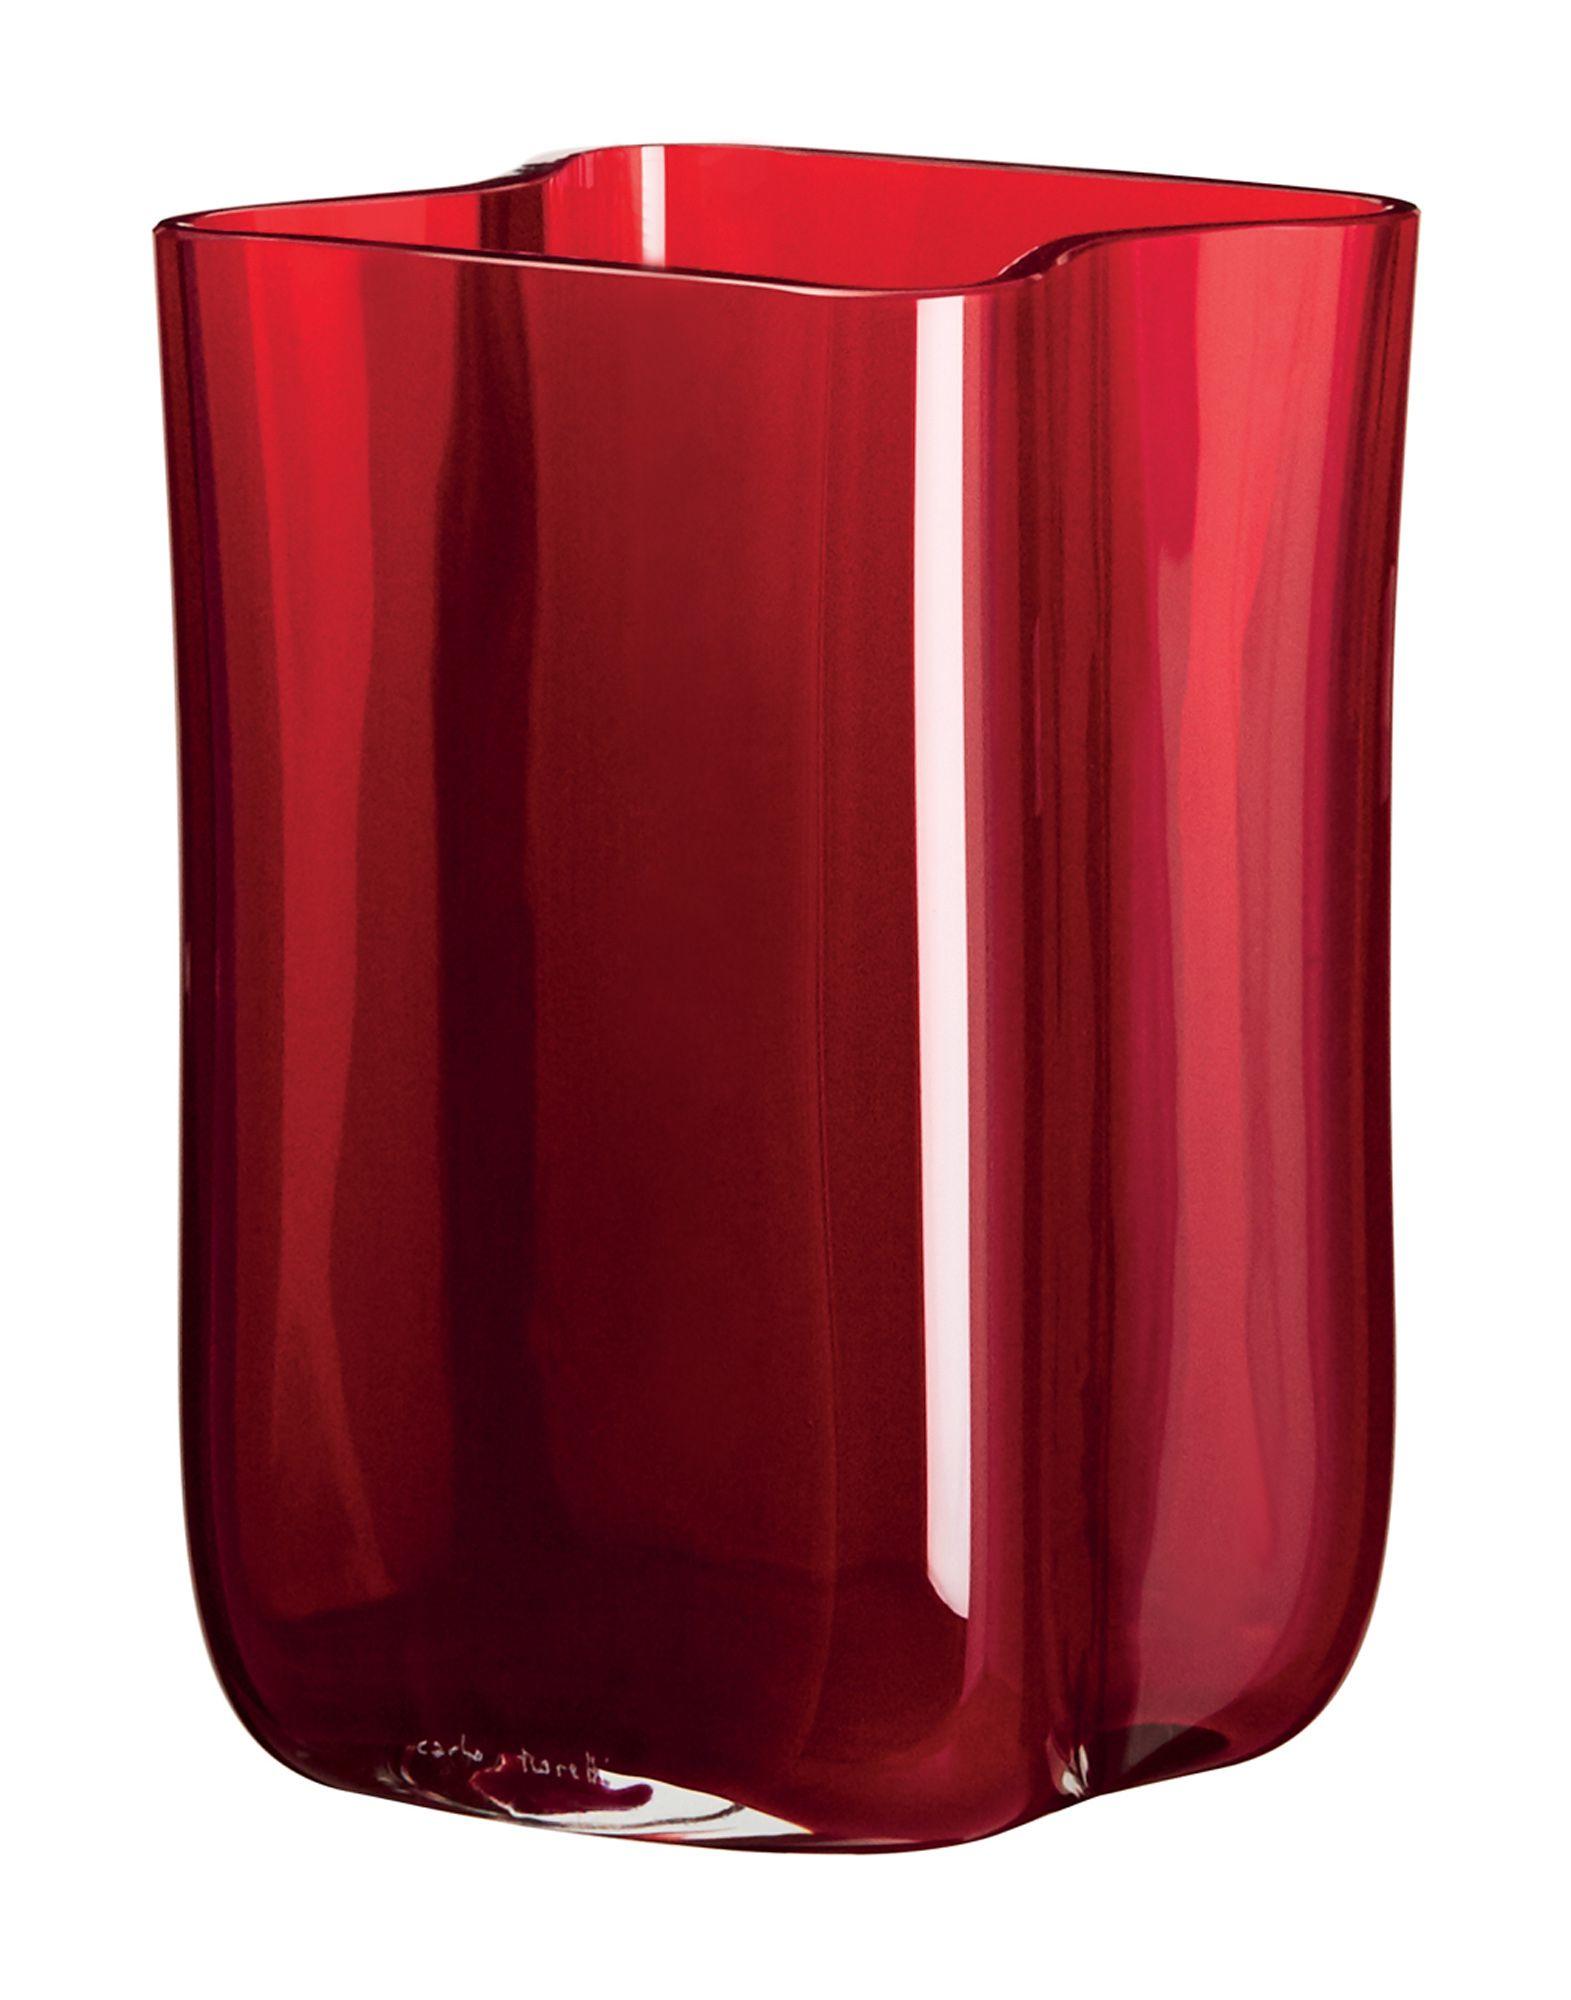 《送料無料》CARLO MORETTI Unisex ベース レッド ガラス Bosco